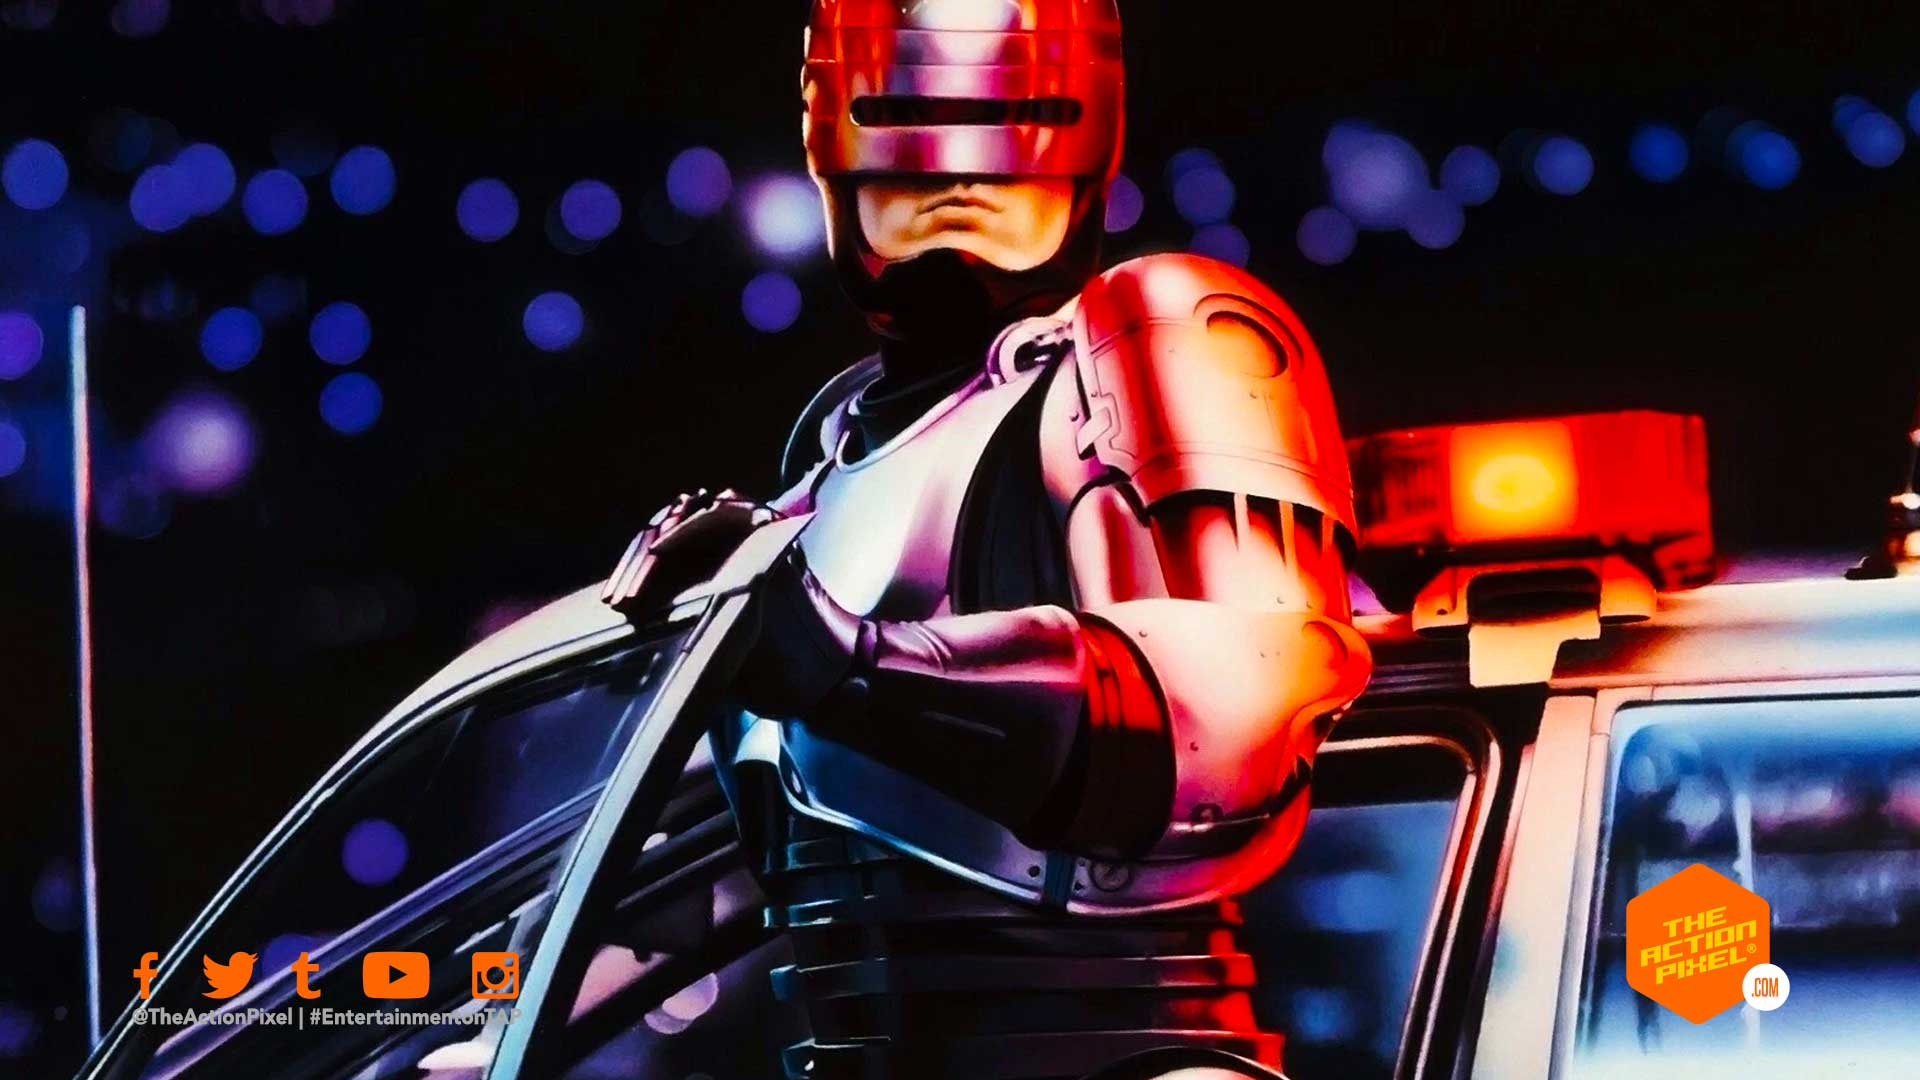 robocop, the action pixel, Ed Neumeier, robocop prequel series, robocop prequel tv series, robocop prequel, dick jones, richard jones, featured, the action pixel, entertainment on tap,